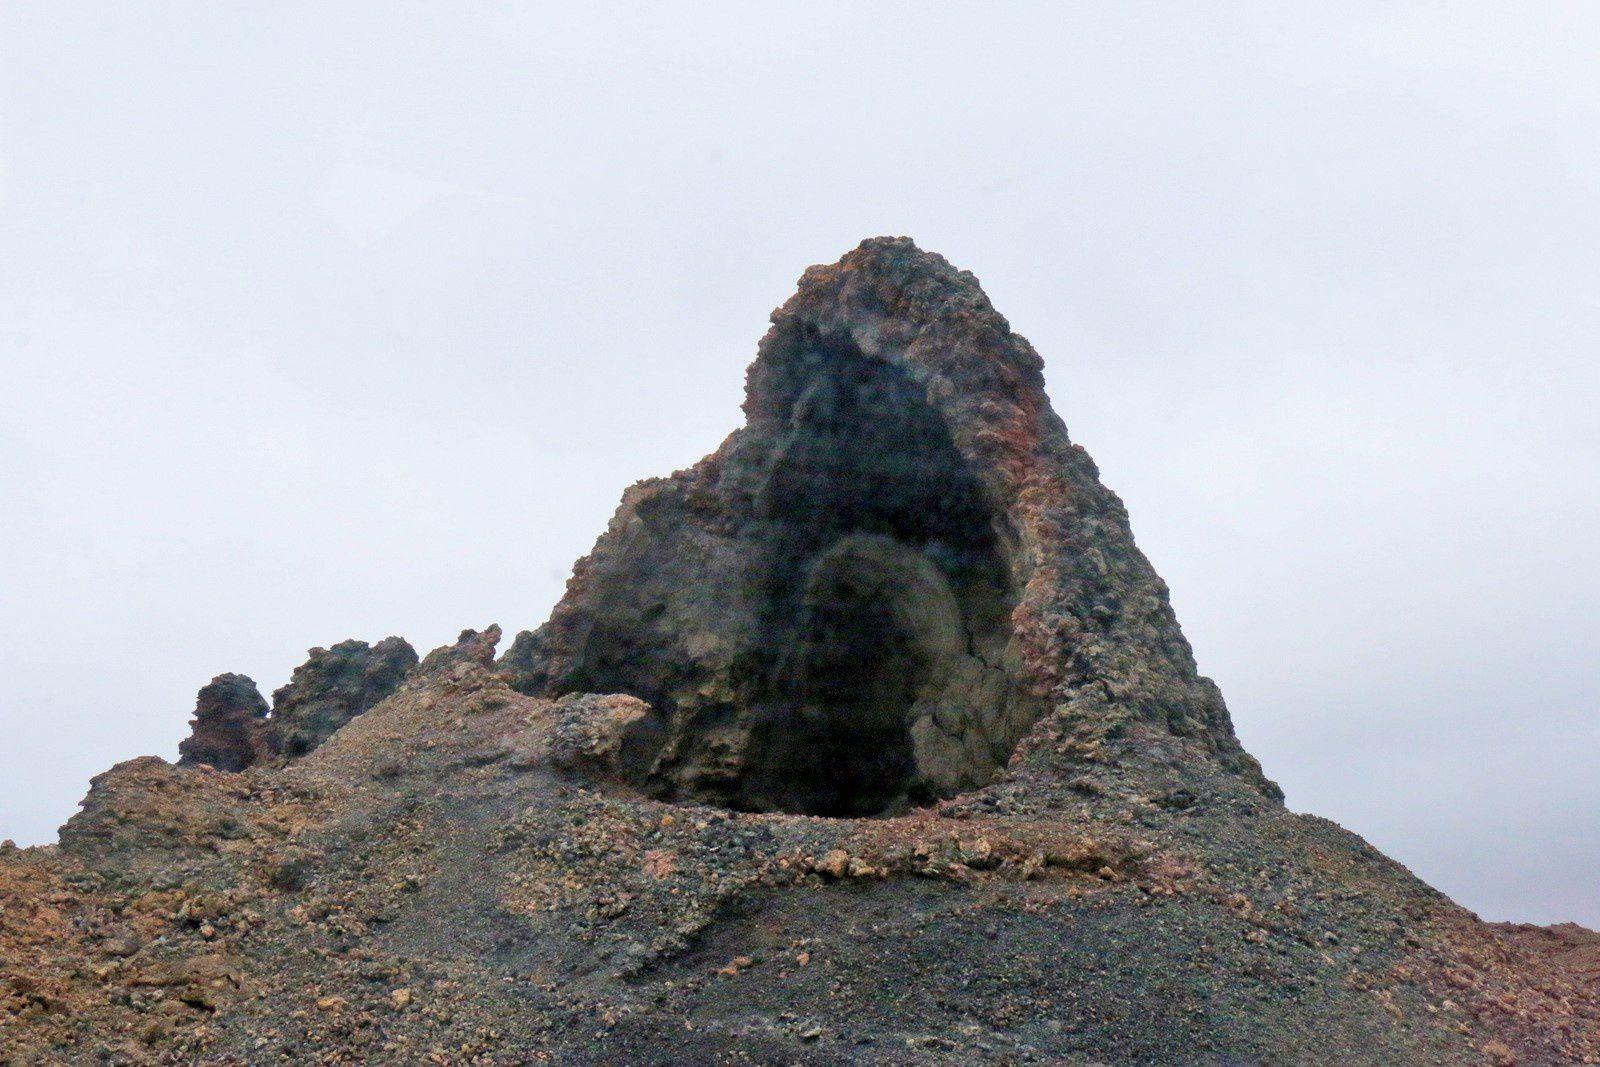 Montañas del Fuego, Lanzarote (Canaries)